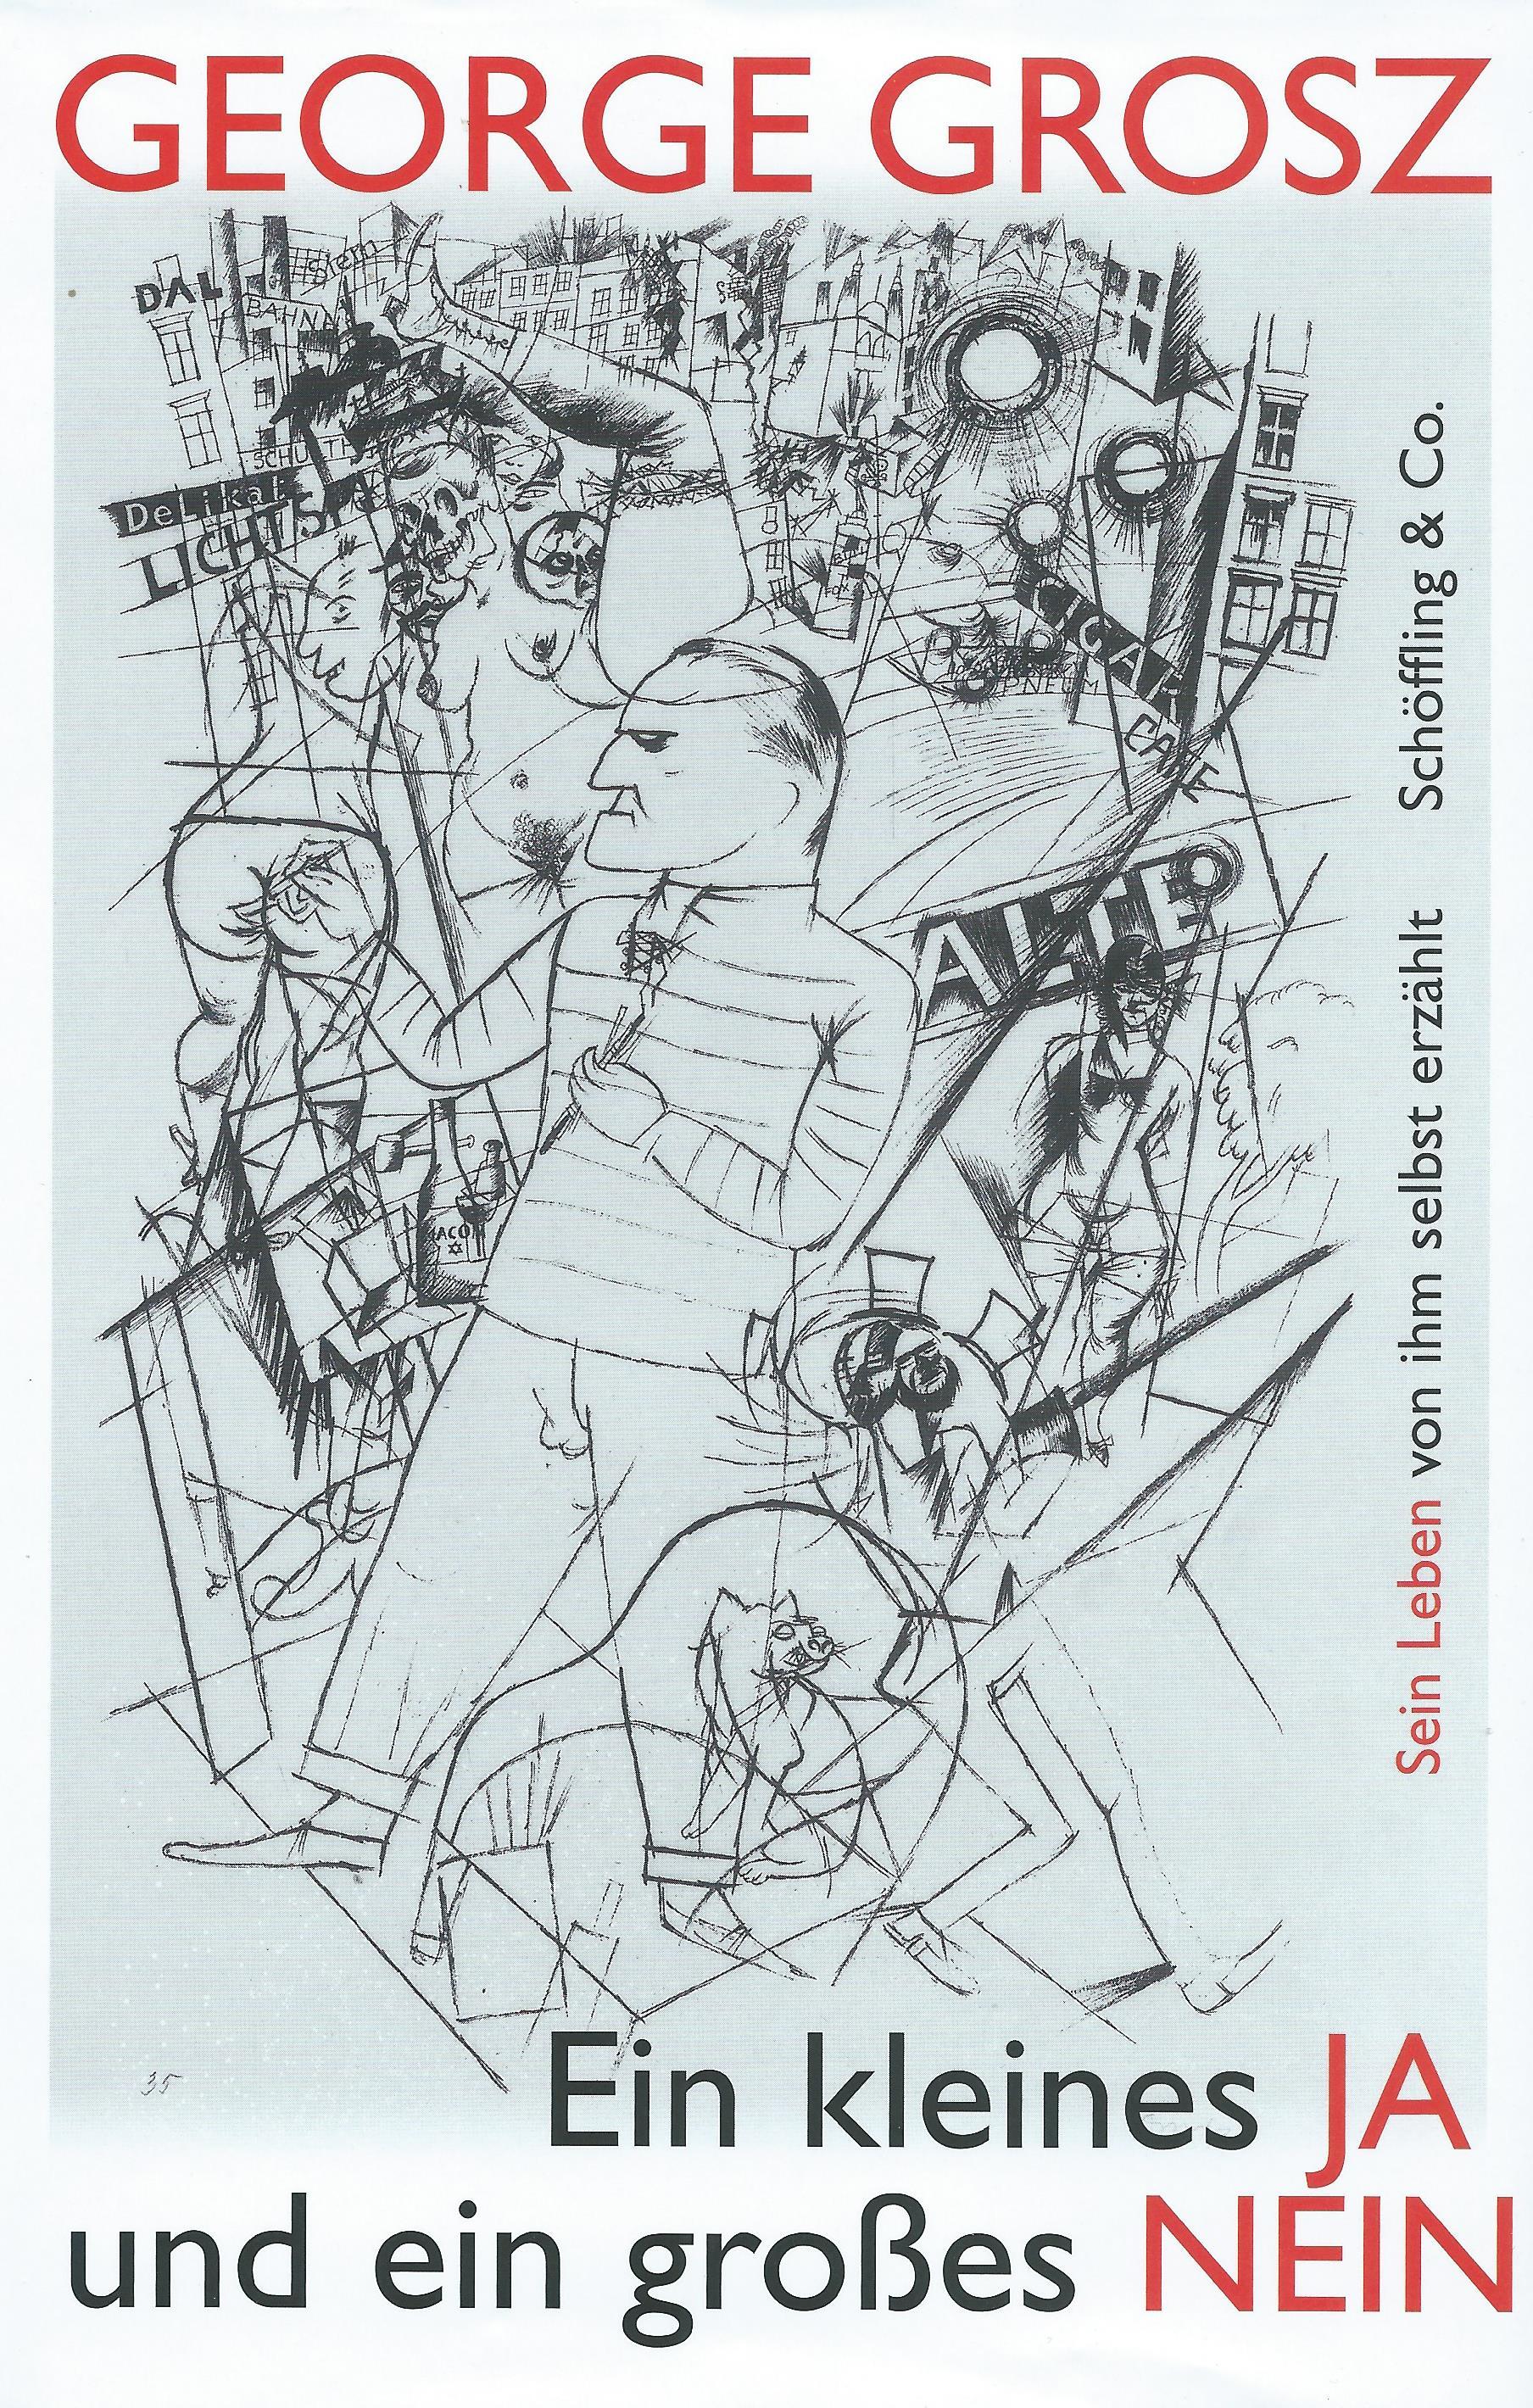 George Grosz: Ein kleines Ja und ein großes Nein